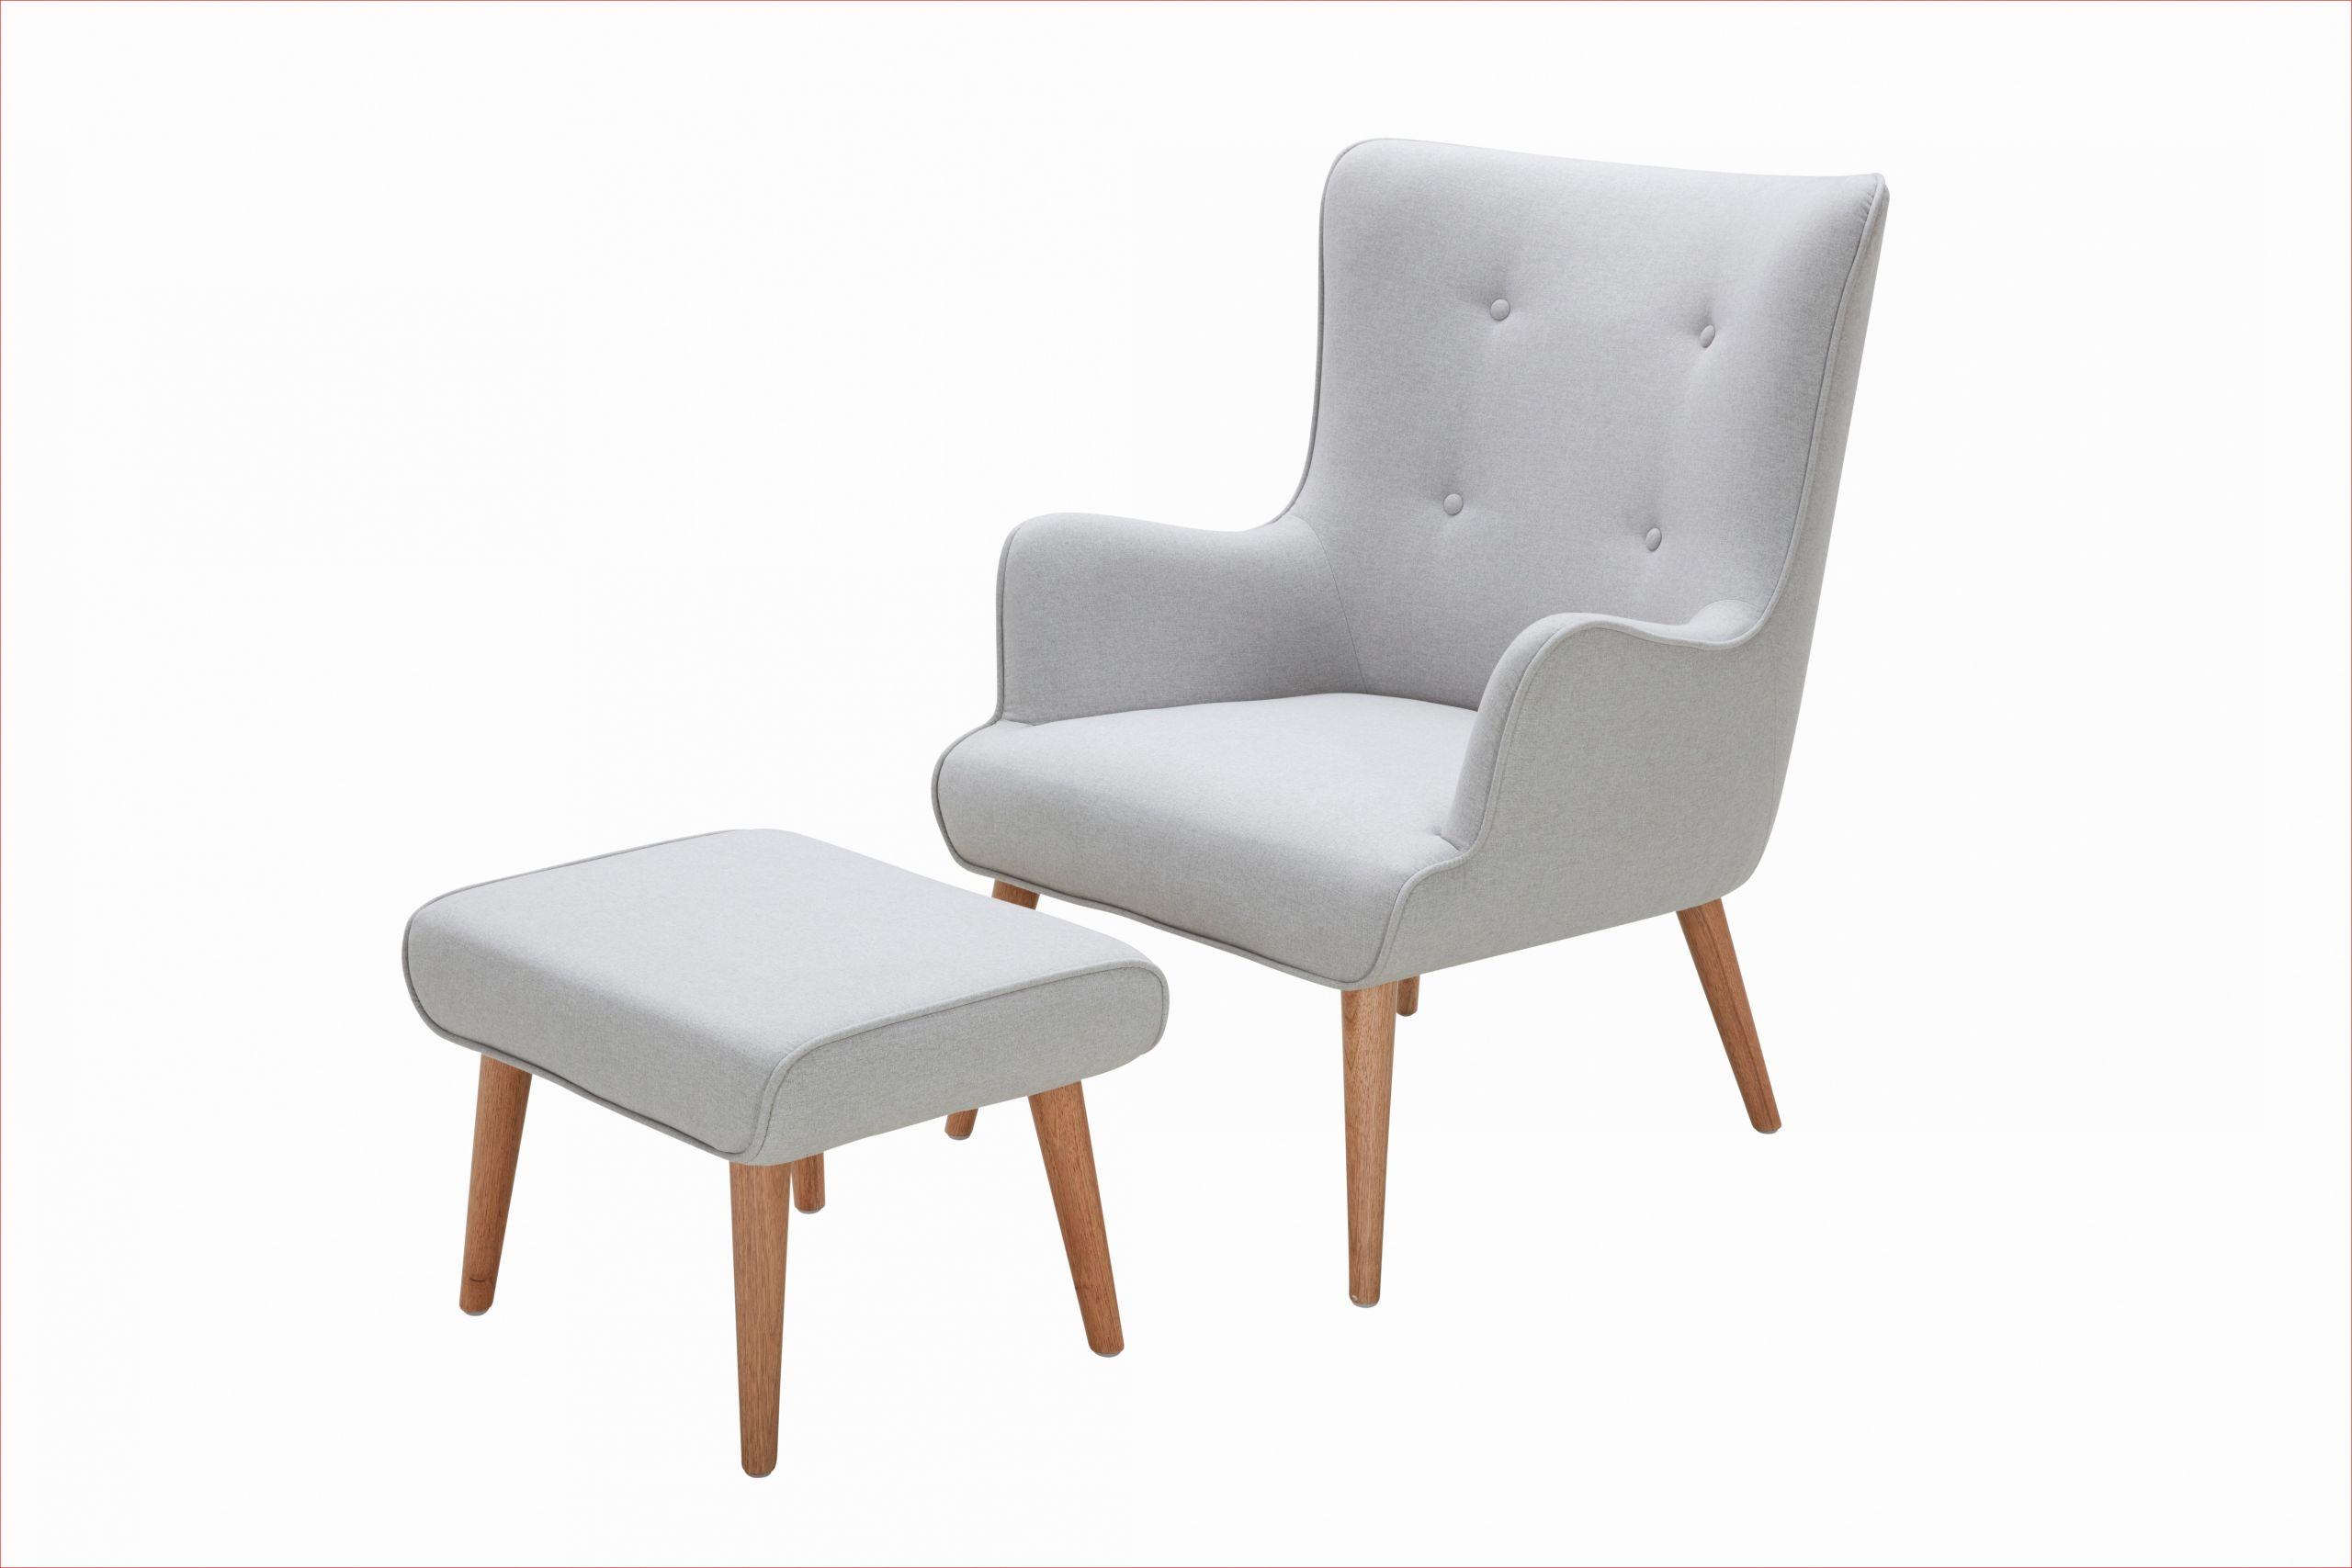 petit fauteuil ancien petit fauteuil salon laguerredesmots of petit fauteuil ancien